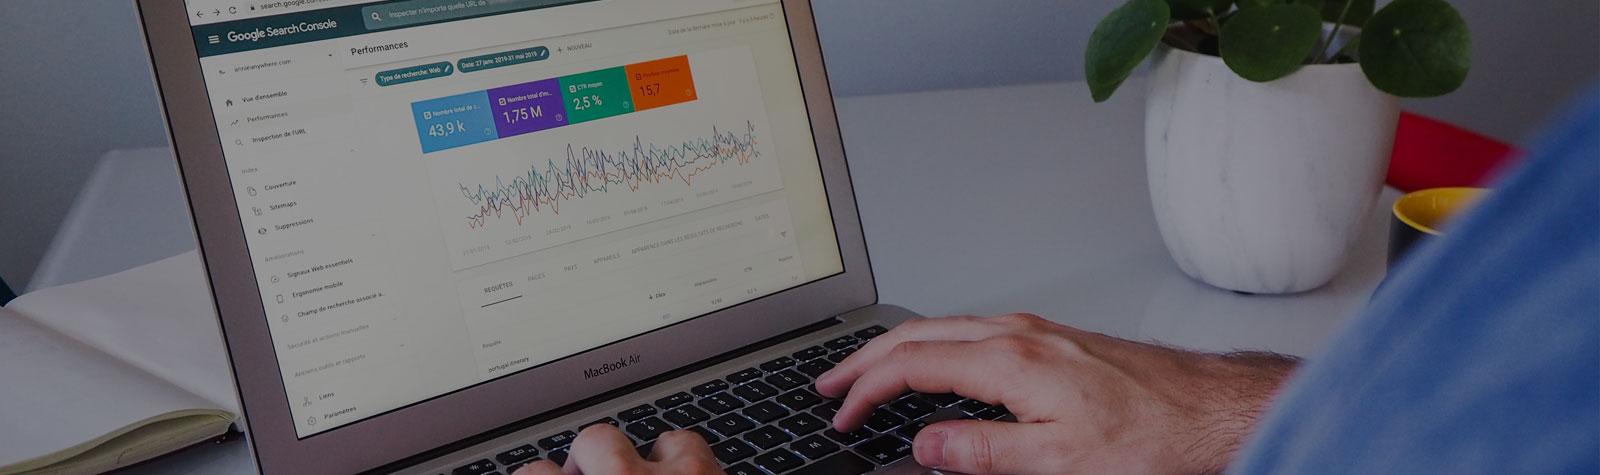 7 claves para posicionar una web